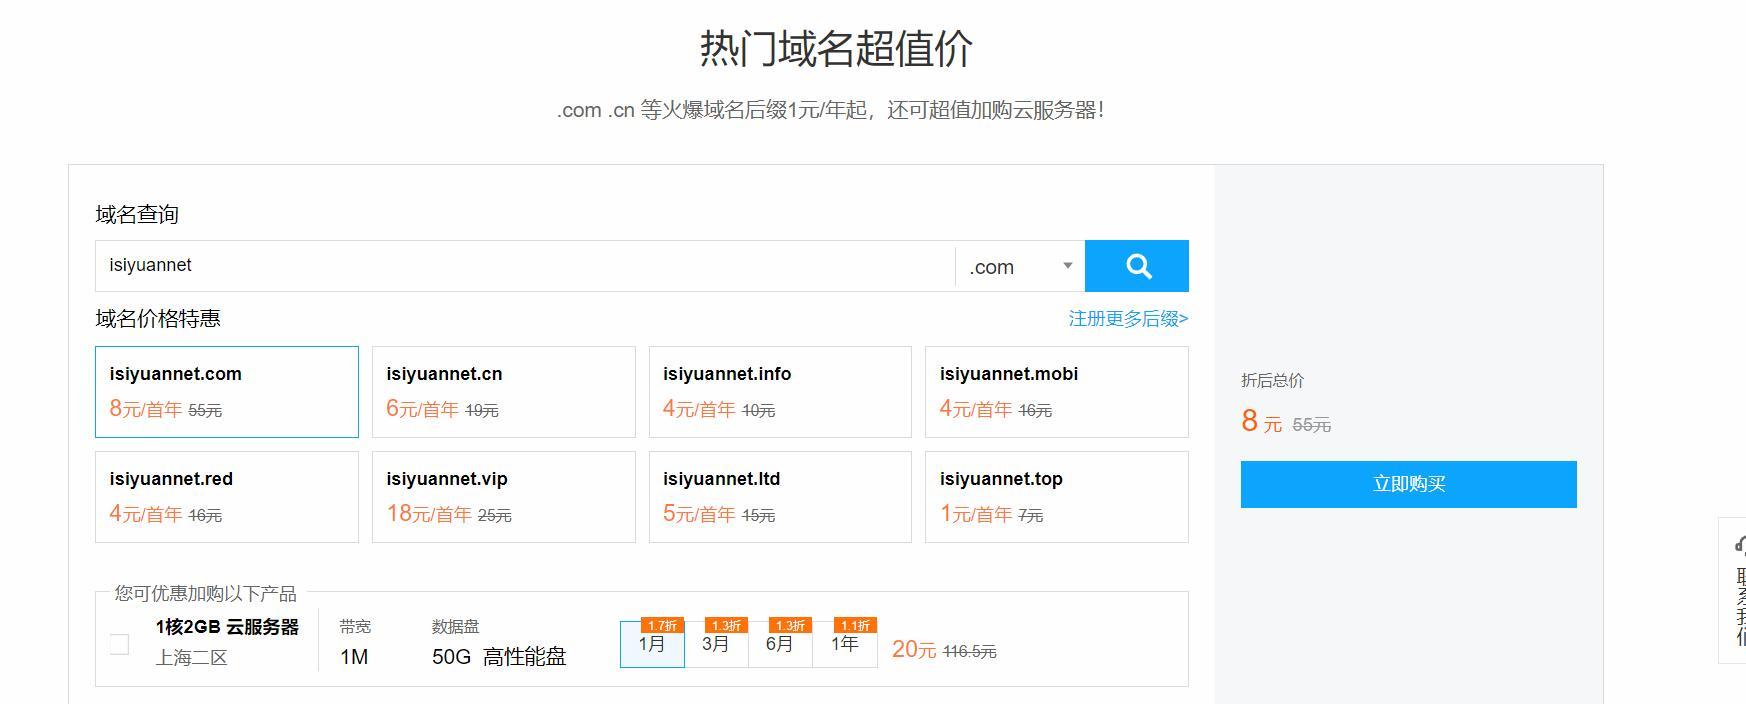 腾讯云老用户com域名首年注册8元